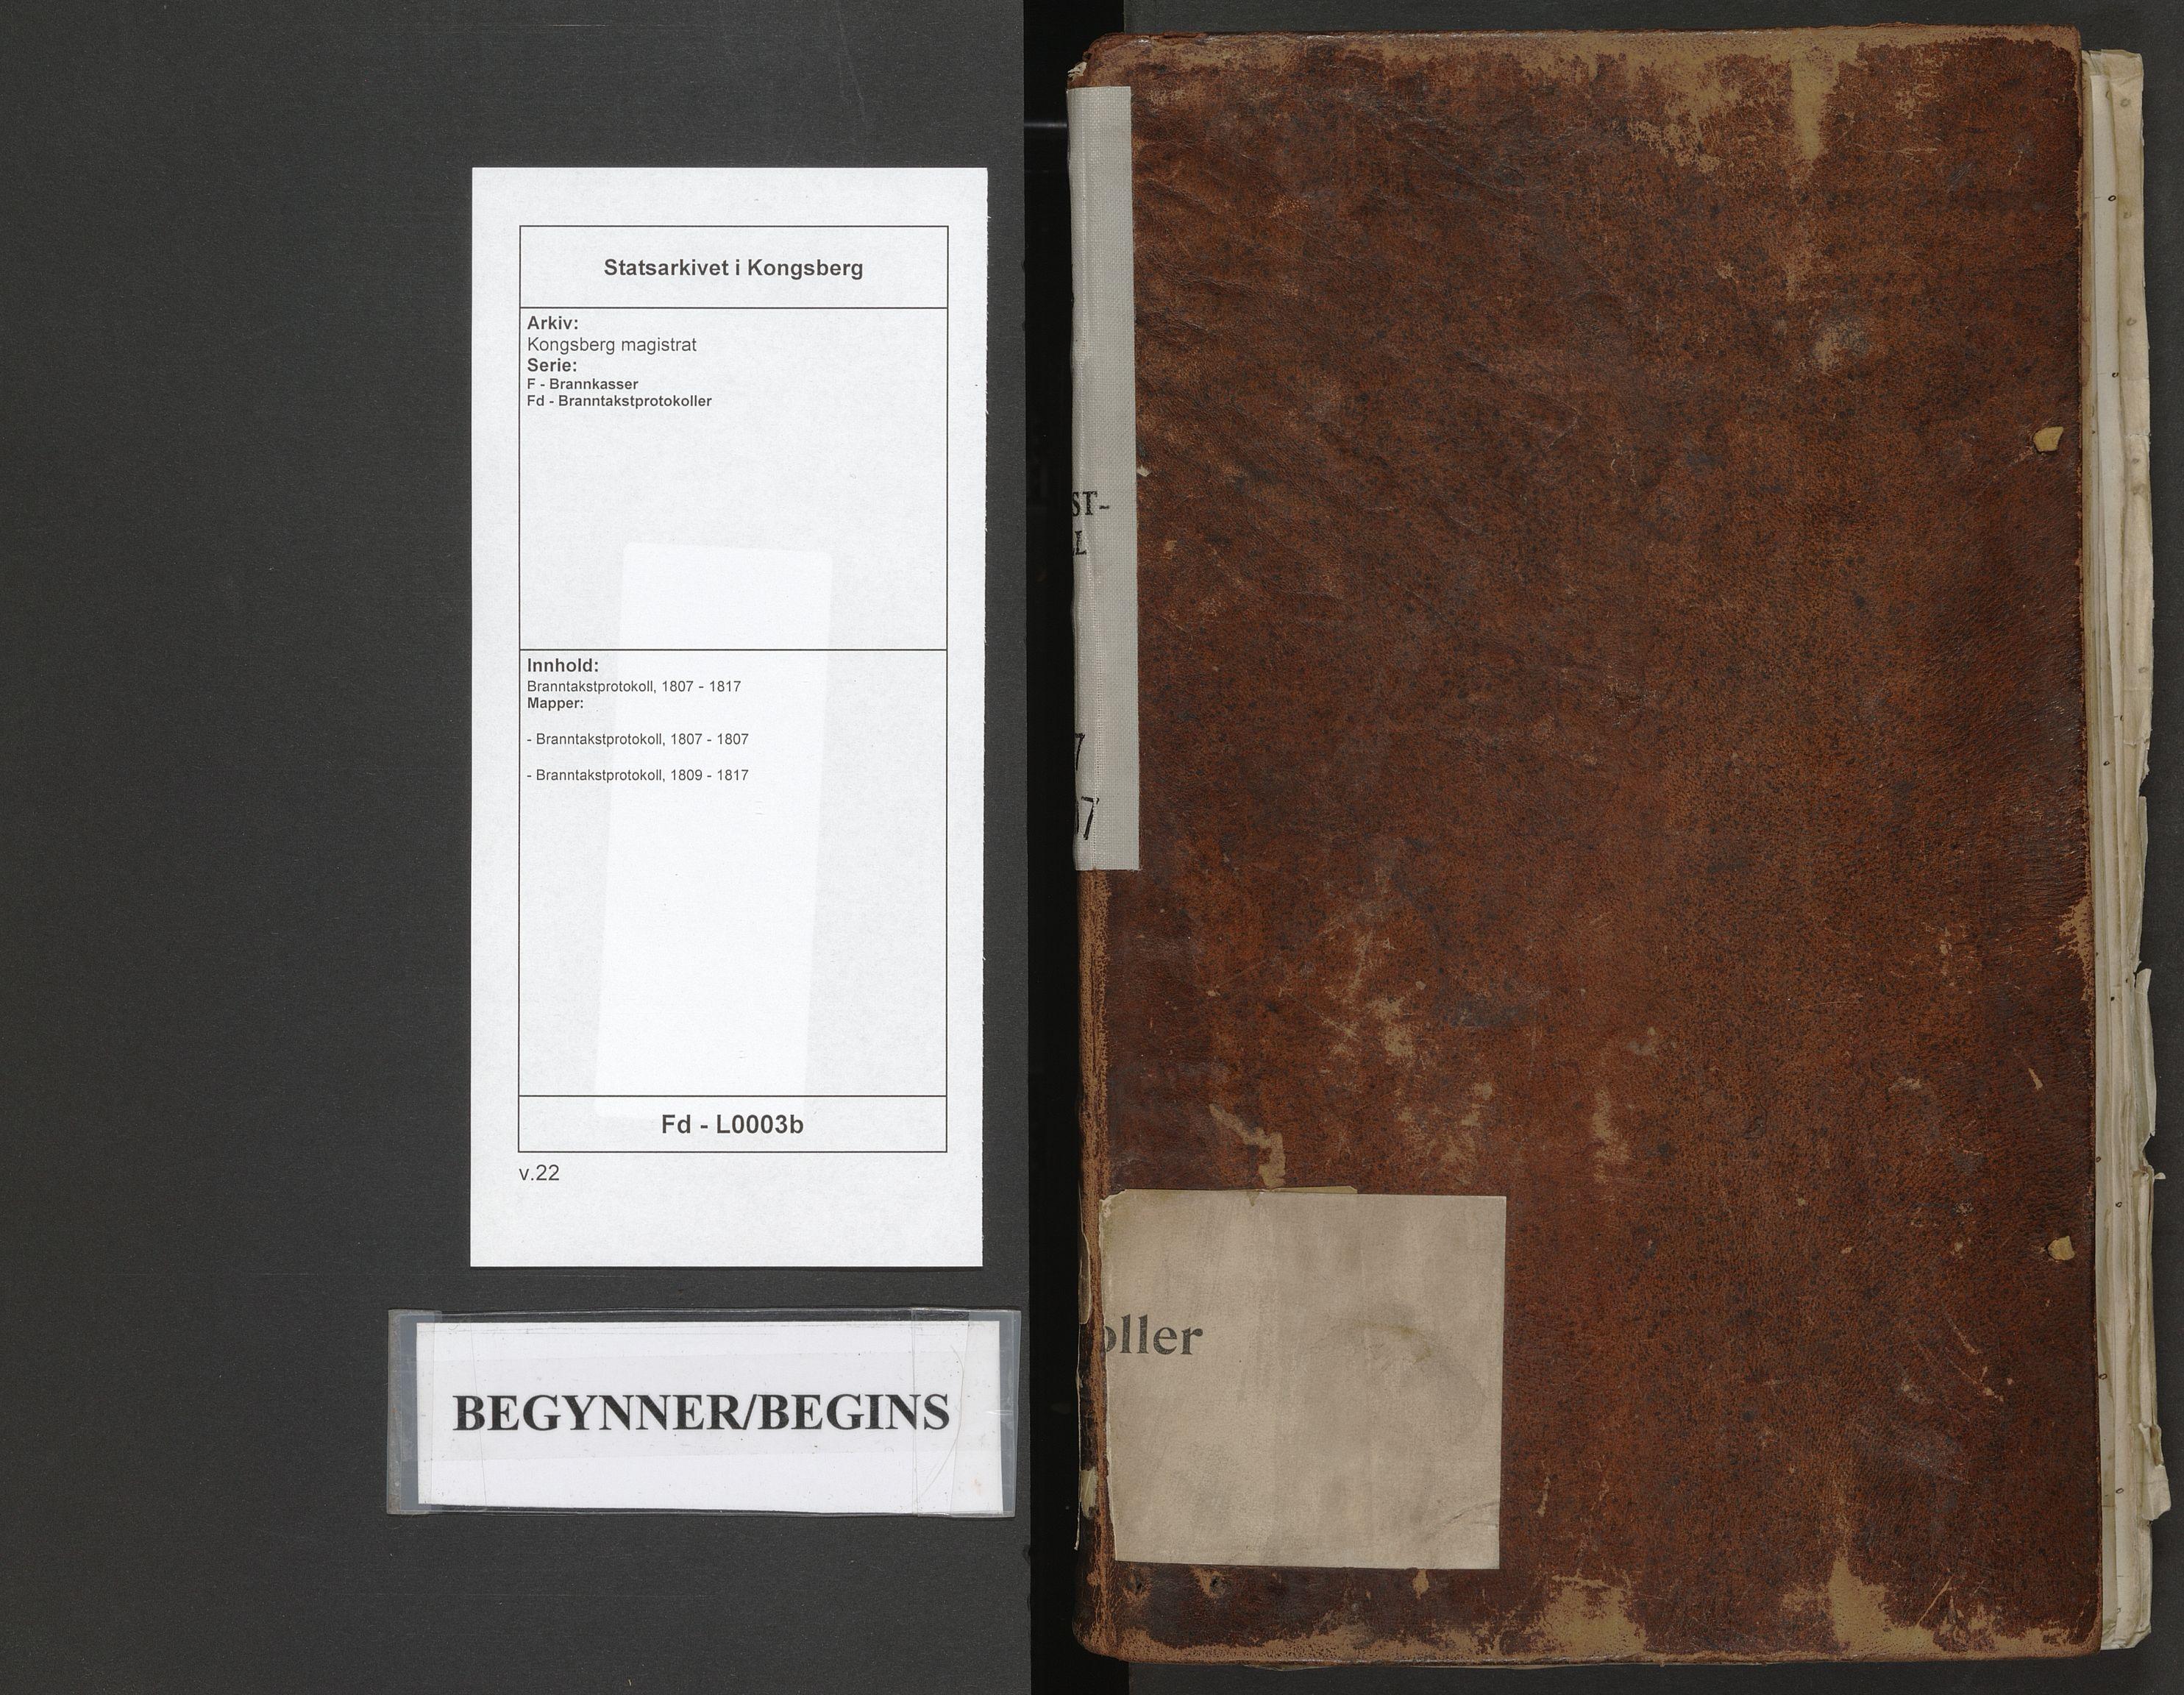 SAKO, Kongsberg magistrat, F/Fd/L0003b: Branntakstprotokoll, 1807